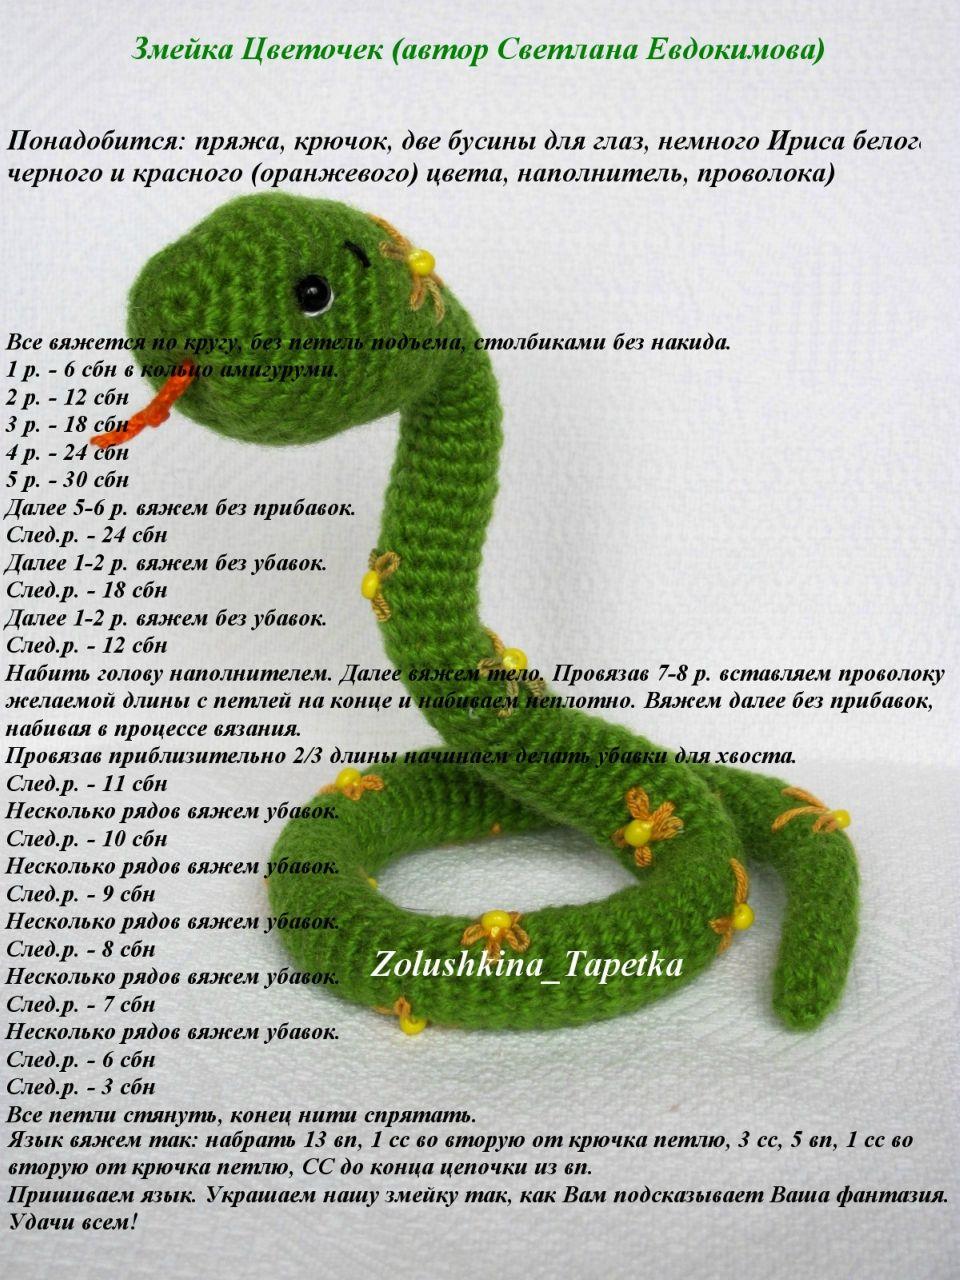 Змеи описания схемы